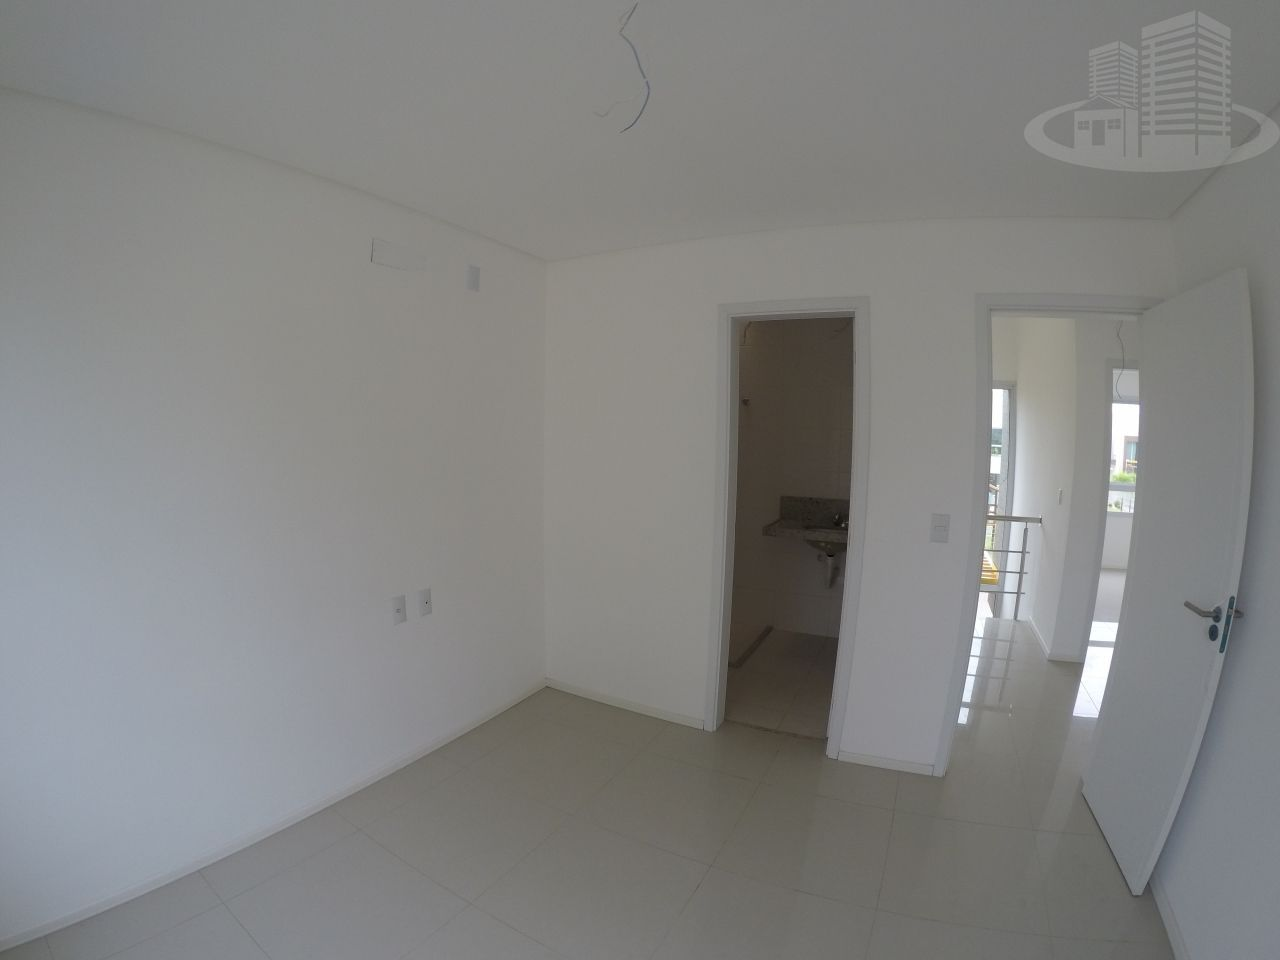 Casa em condomínio com 3 Dormitórios à venda, 140 m² por R$ 529.000,00